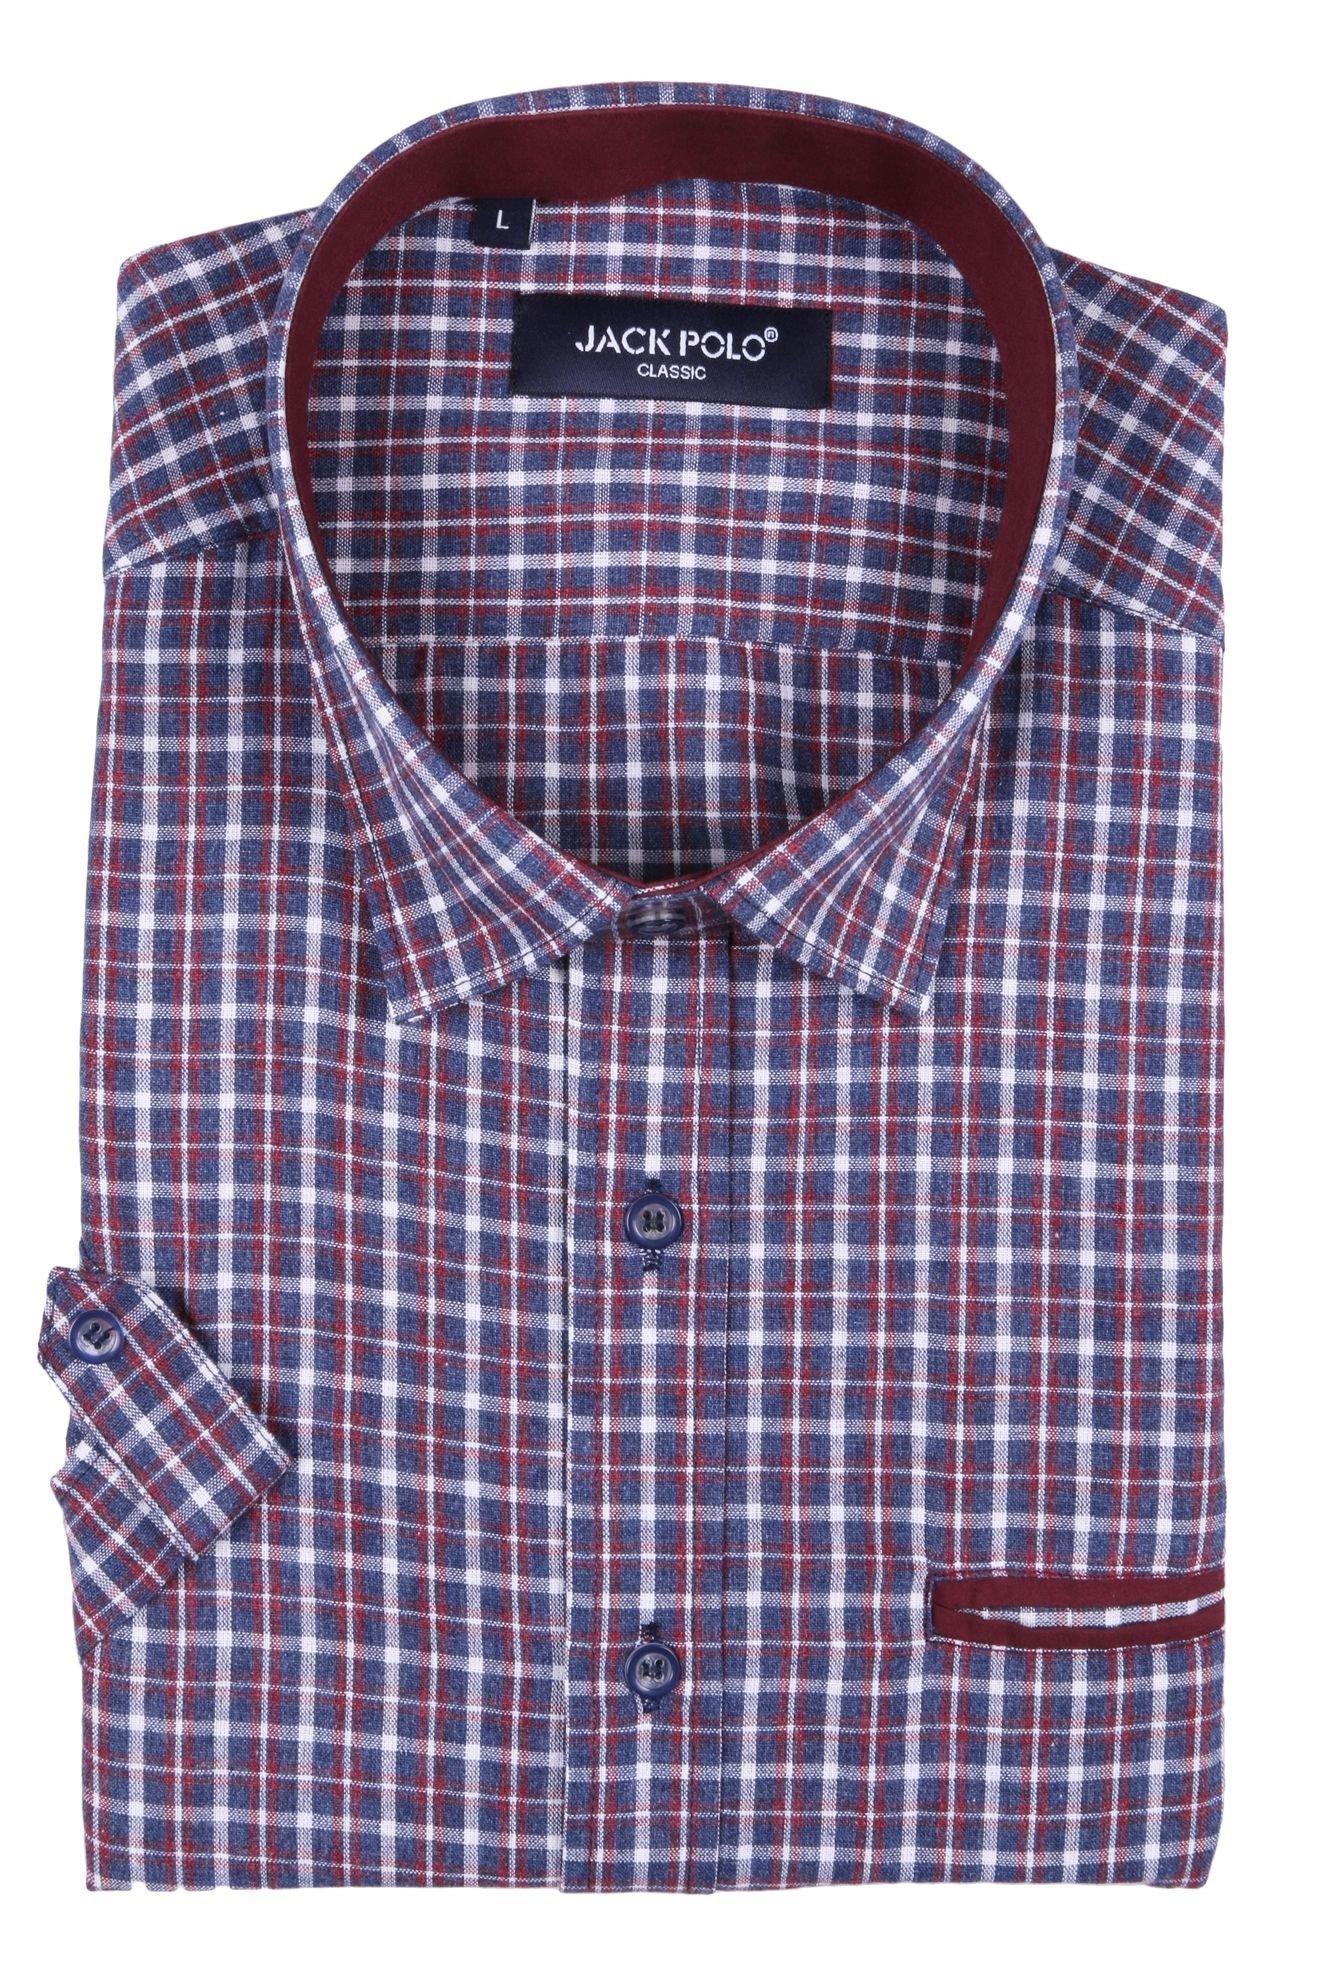 Классическая рубашка в клетку с коротким рукавом (Арт. T 2336K)